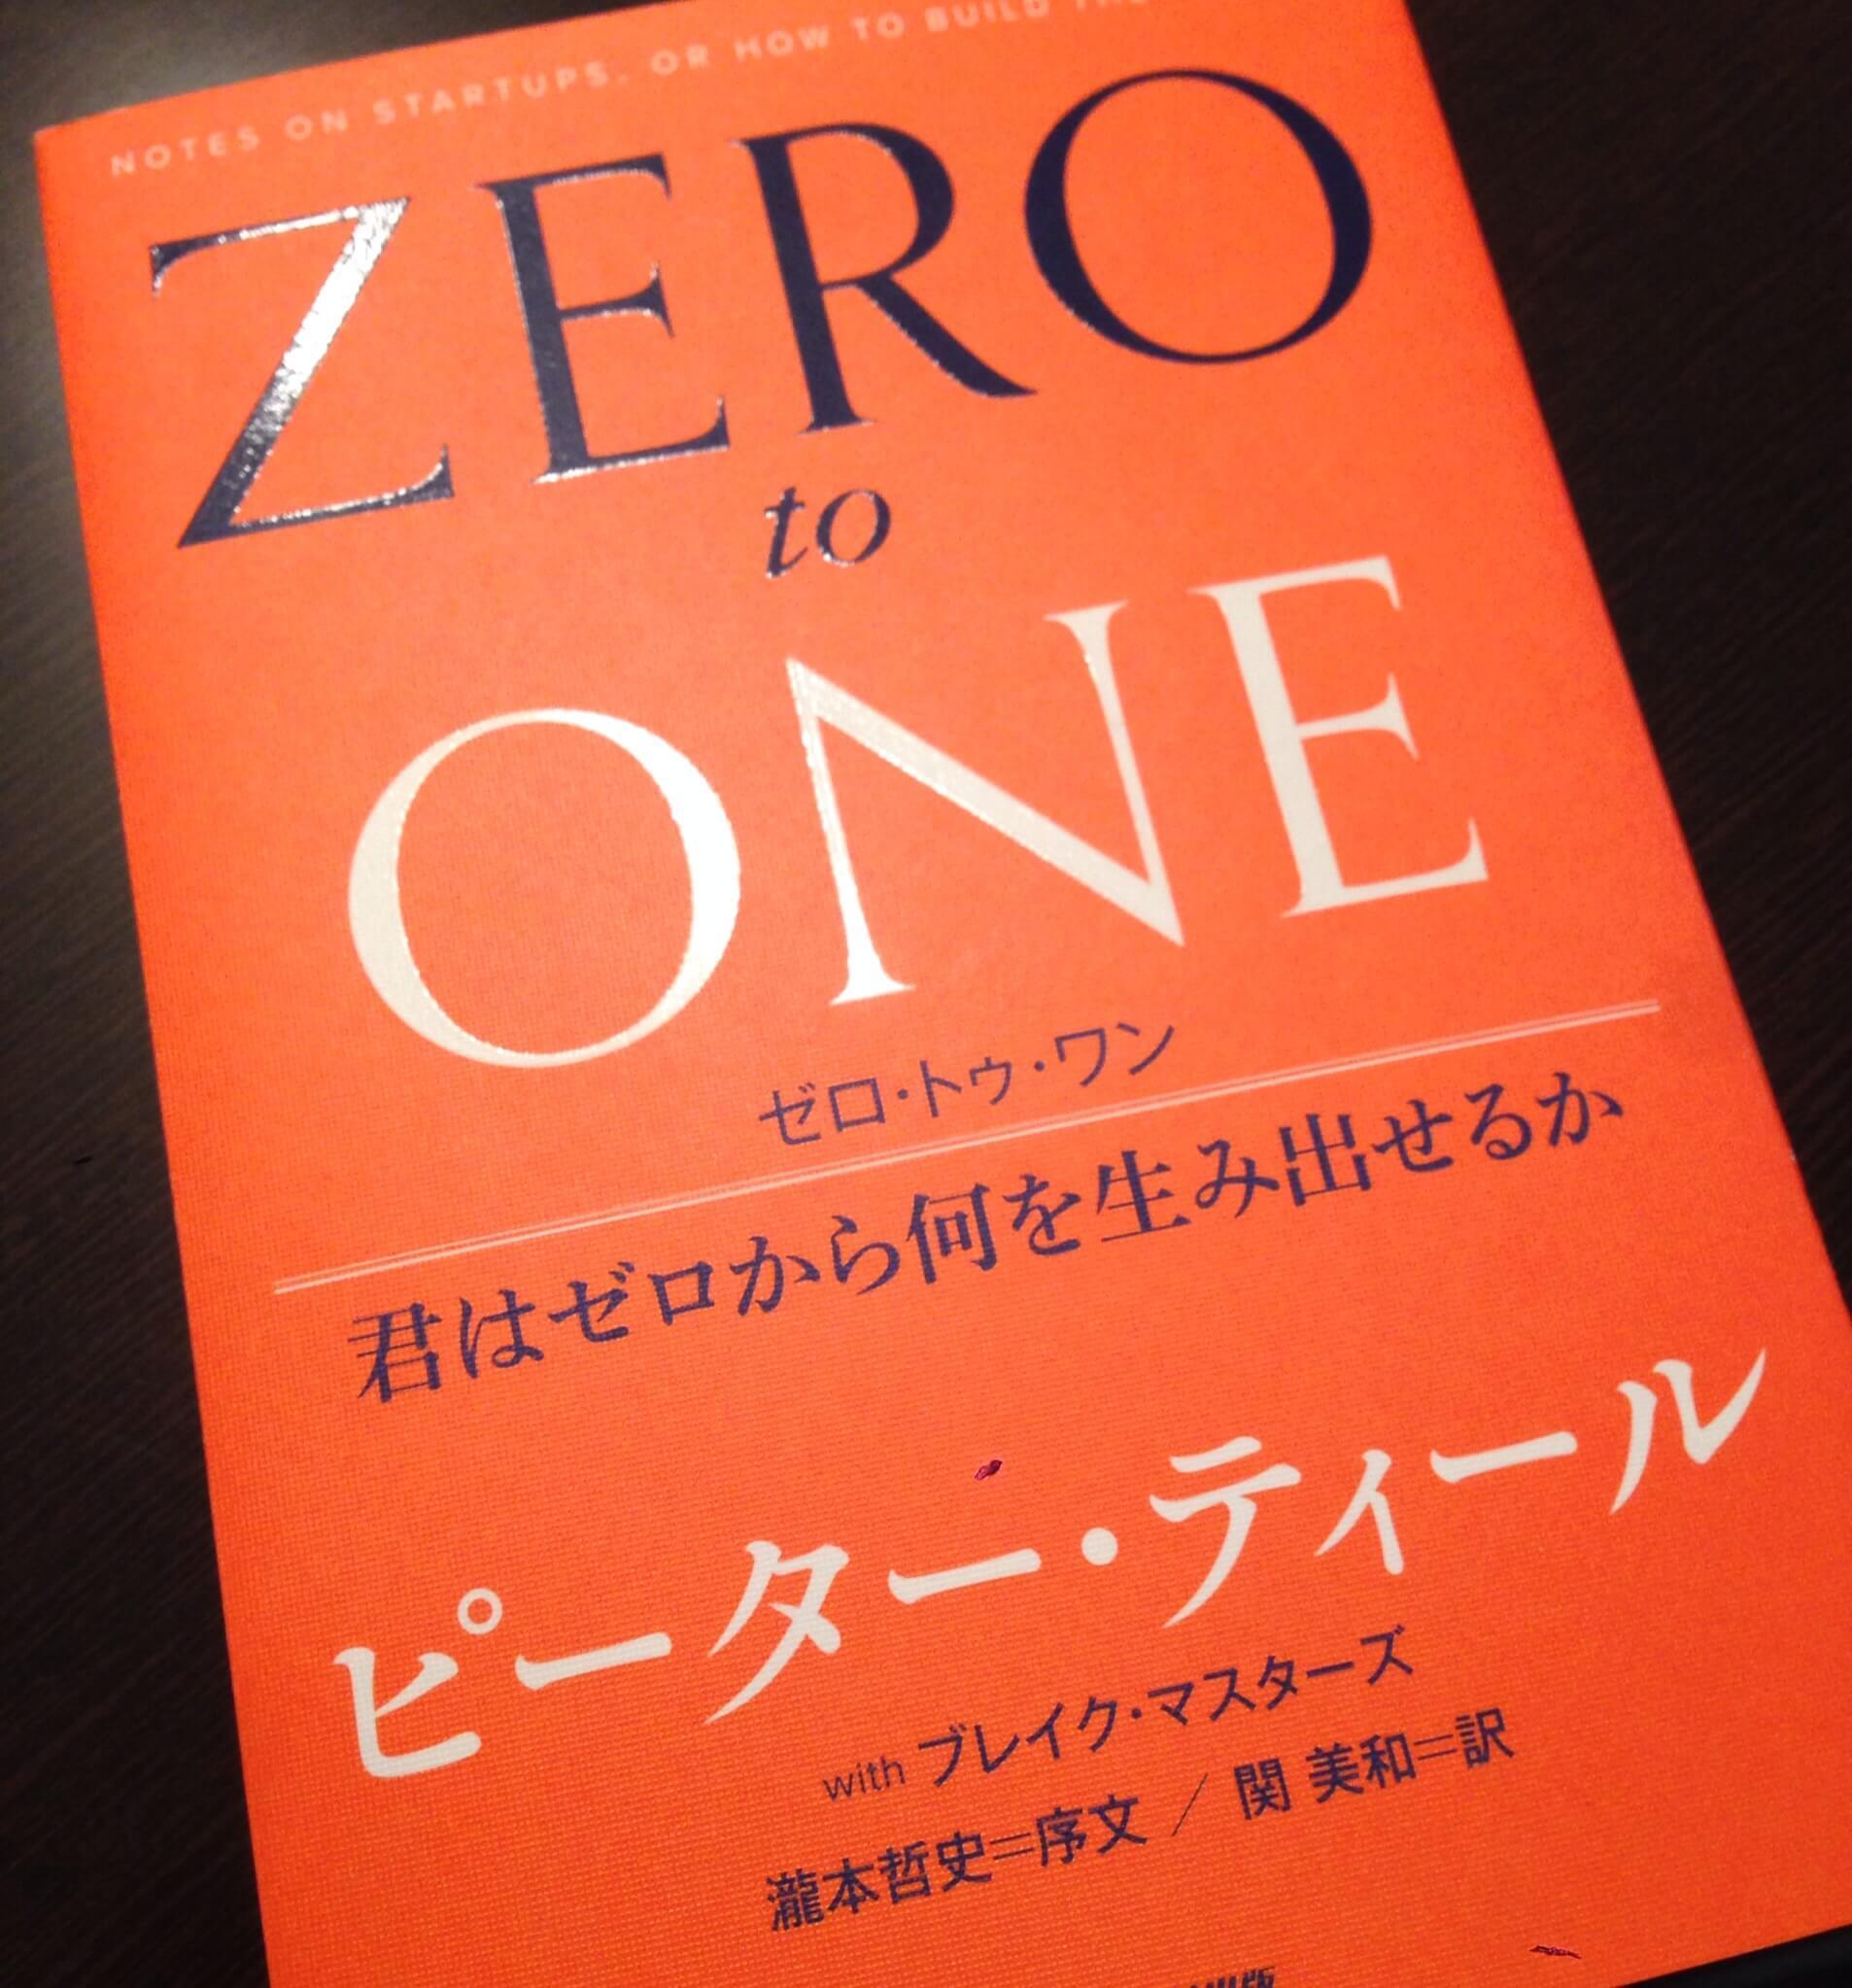 【読書録】ZERO to ONE ピーター・ティール